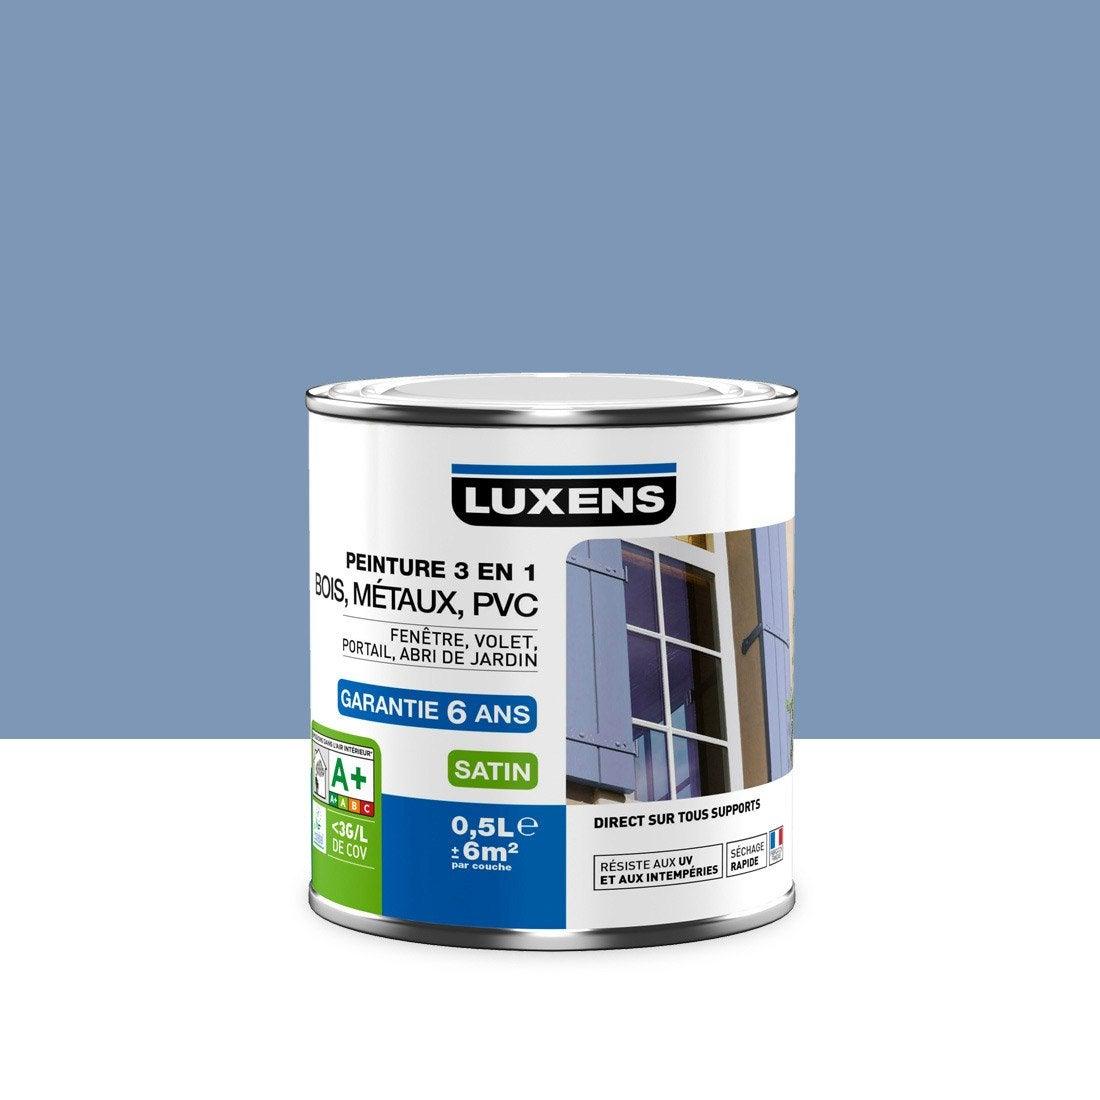 peinture multimat riau ext rieur 3 en 1 luxens bleu provence 0 5 l leroy merlin. Black Bedroom Furniture Sets. Home Design Ideas